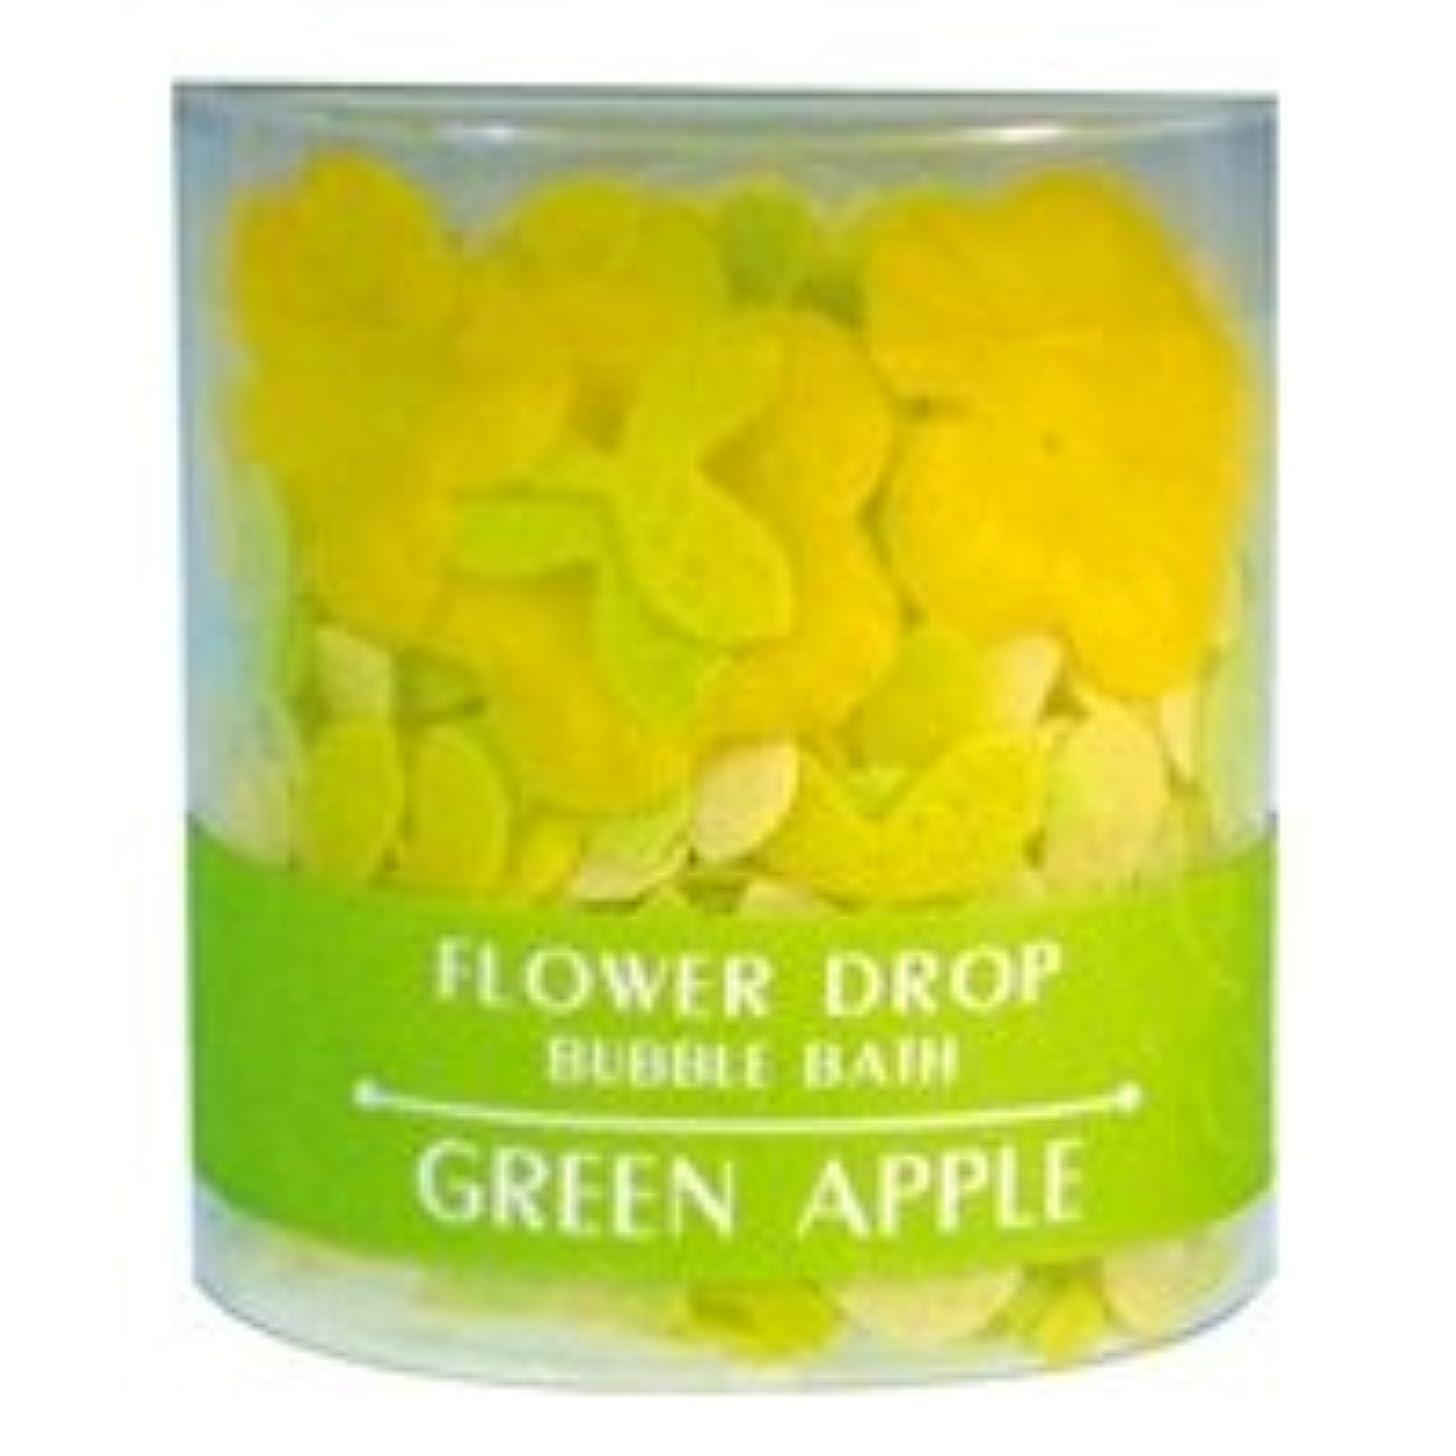 フラワードロップ「グリーンアップル」20個セット 二葉の形のペタル